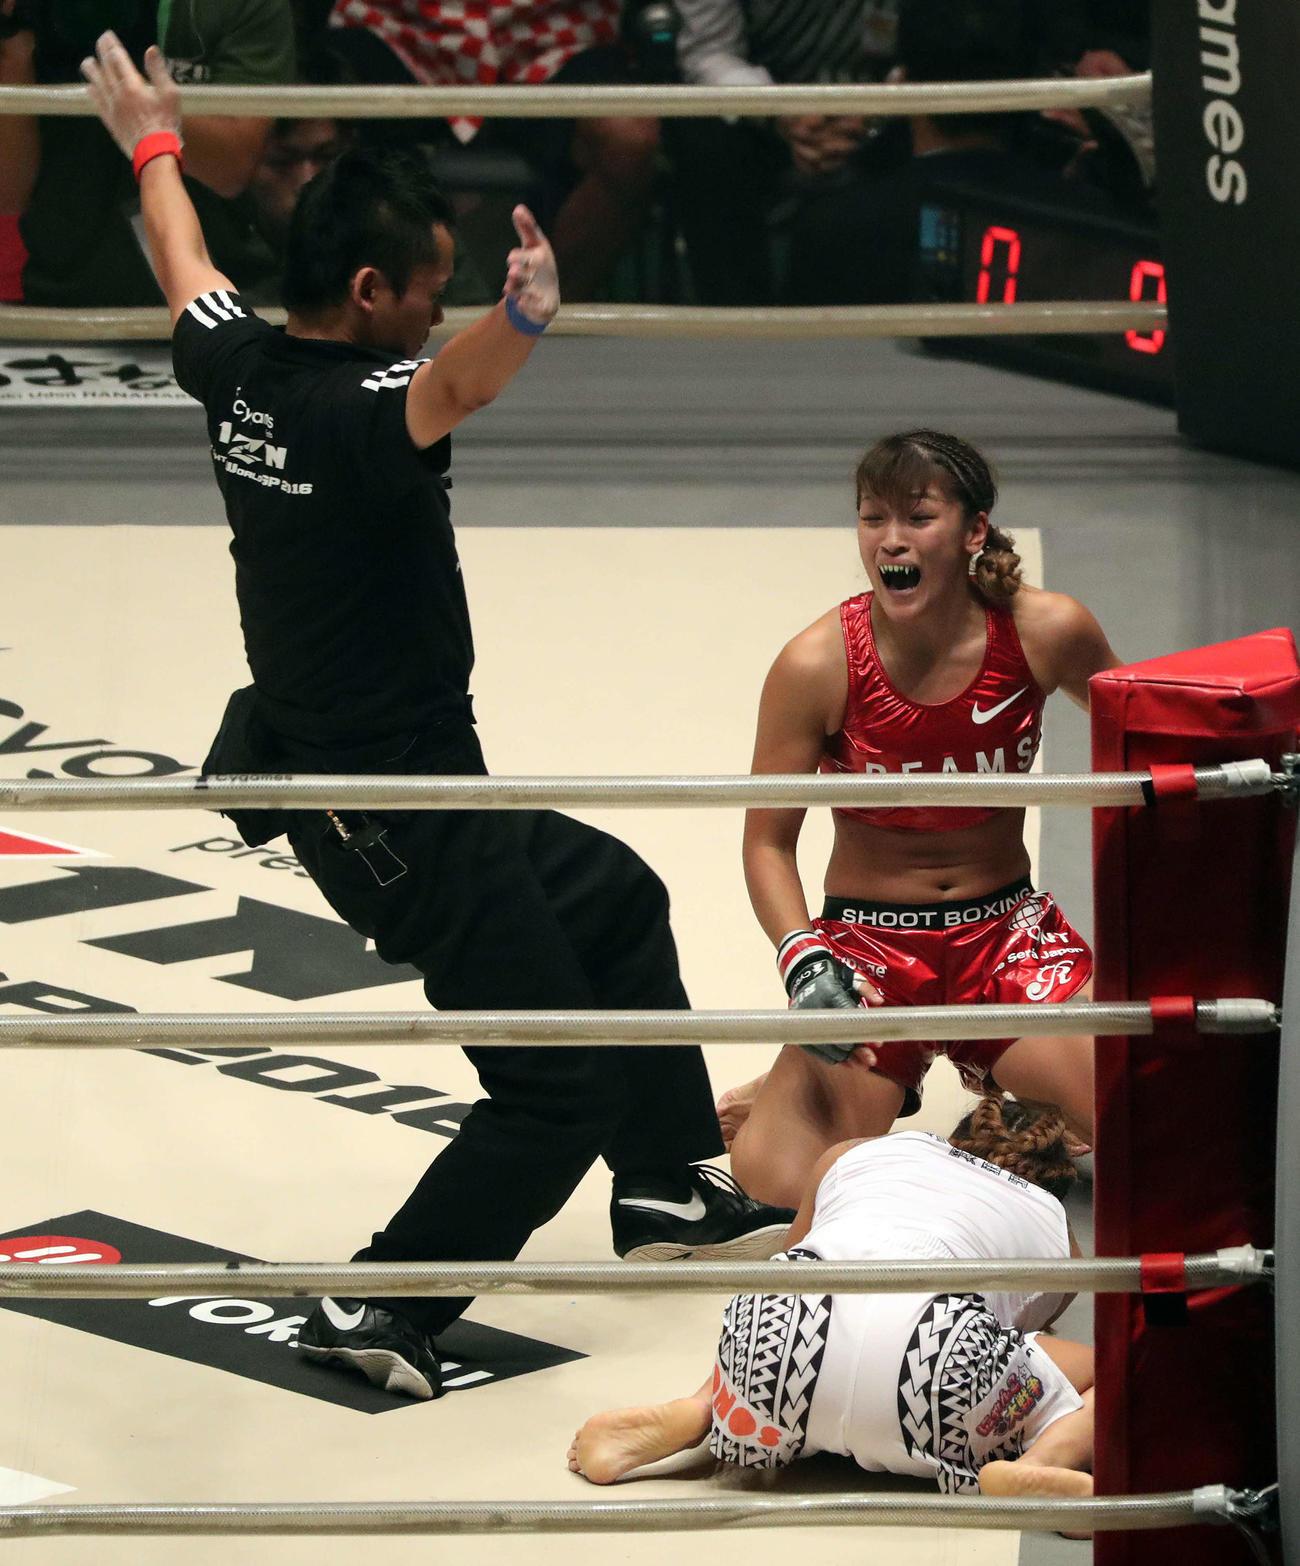 16年9月、RIZIN無差別級トーナメントで山本美憂(手前)はRENAにギブアップ負け